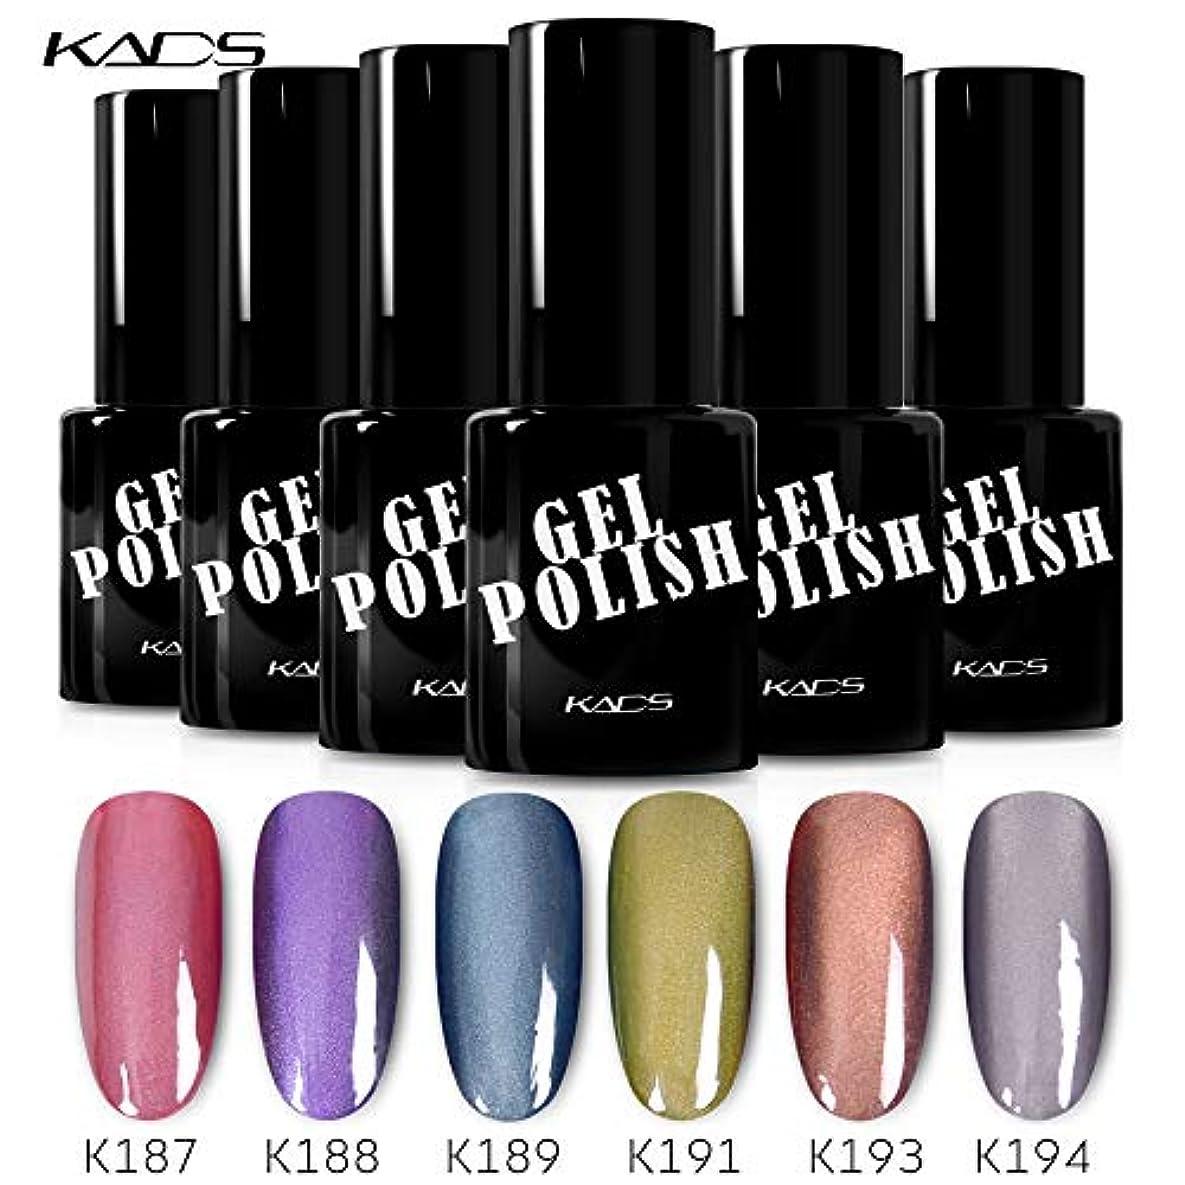 伝える誰が似ているKADS カラージェル 6色入り キャッツアイジェルネイル グリーン/ピンク/グレー カラーポリッシュ UV/LED対応 艶長持ち